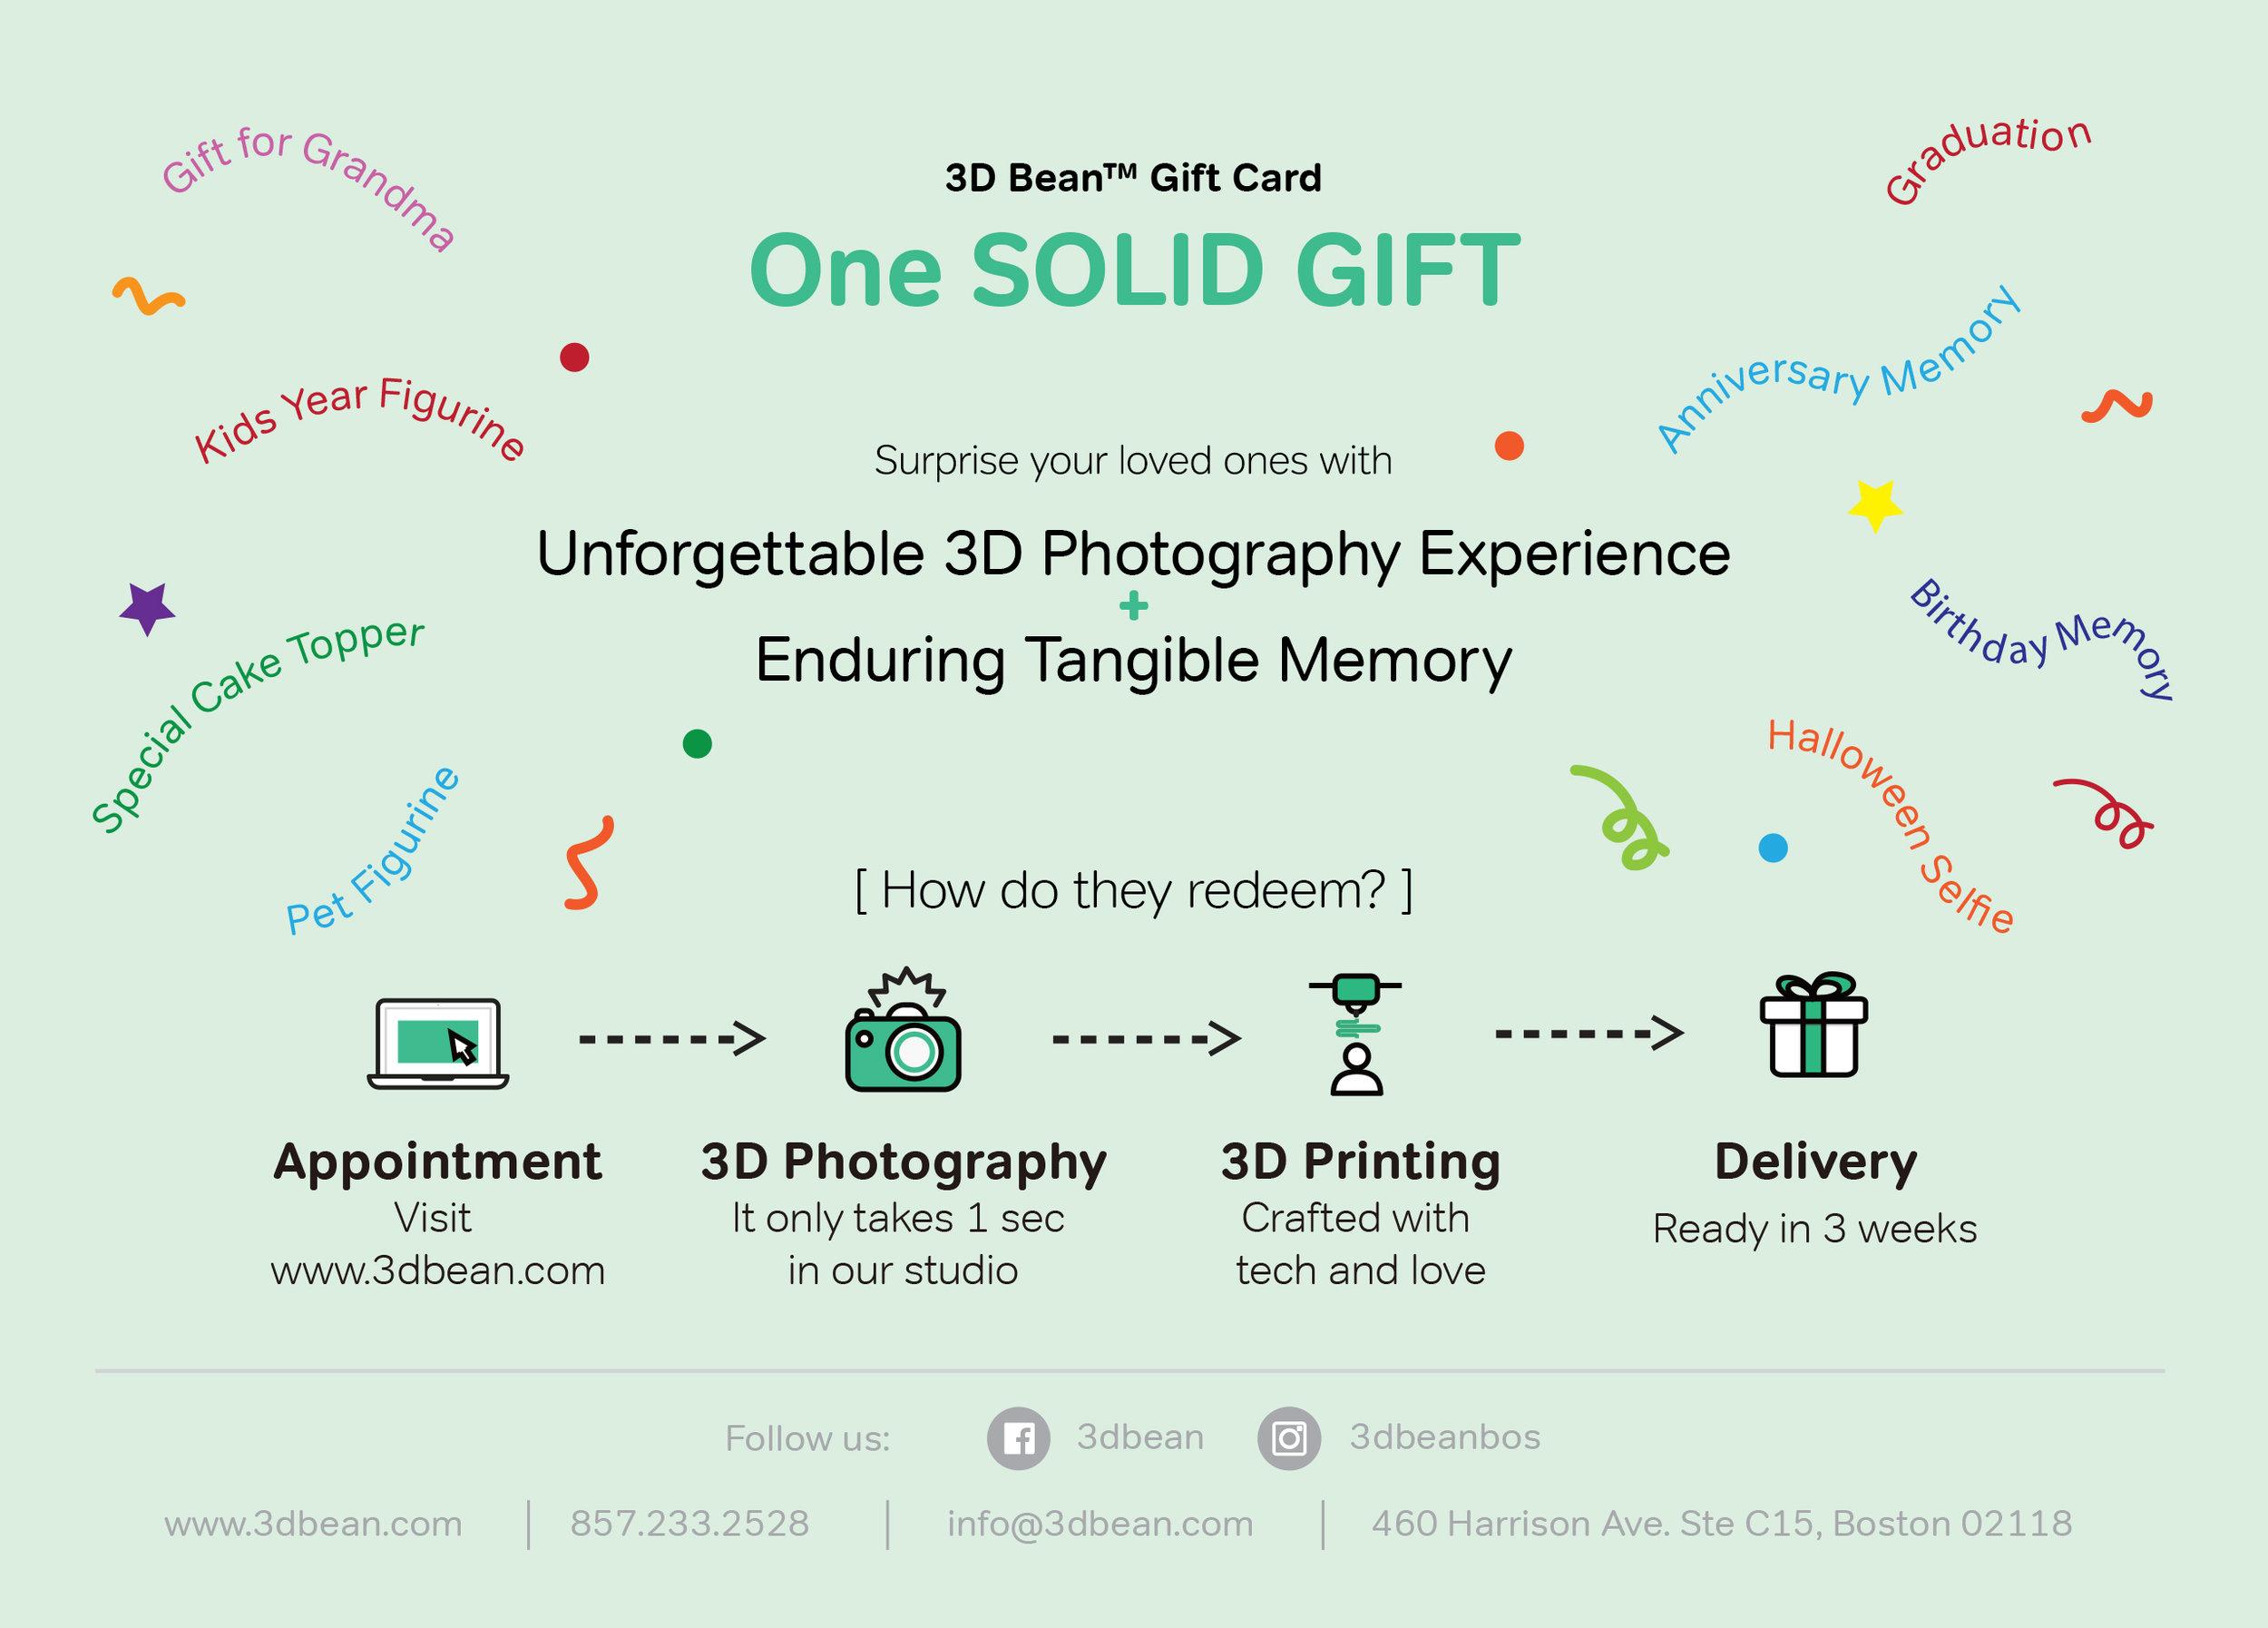 3D Bean Gift Card Flyer.jpg